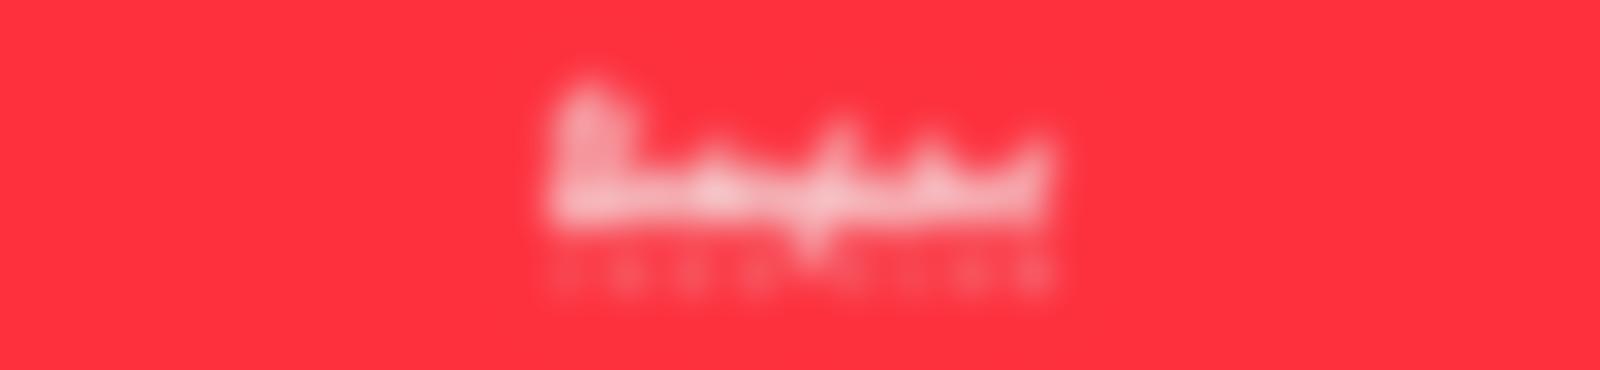 Blurred 84f3ef09 eed5 4f6e 8957 e81d99a1d94a